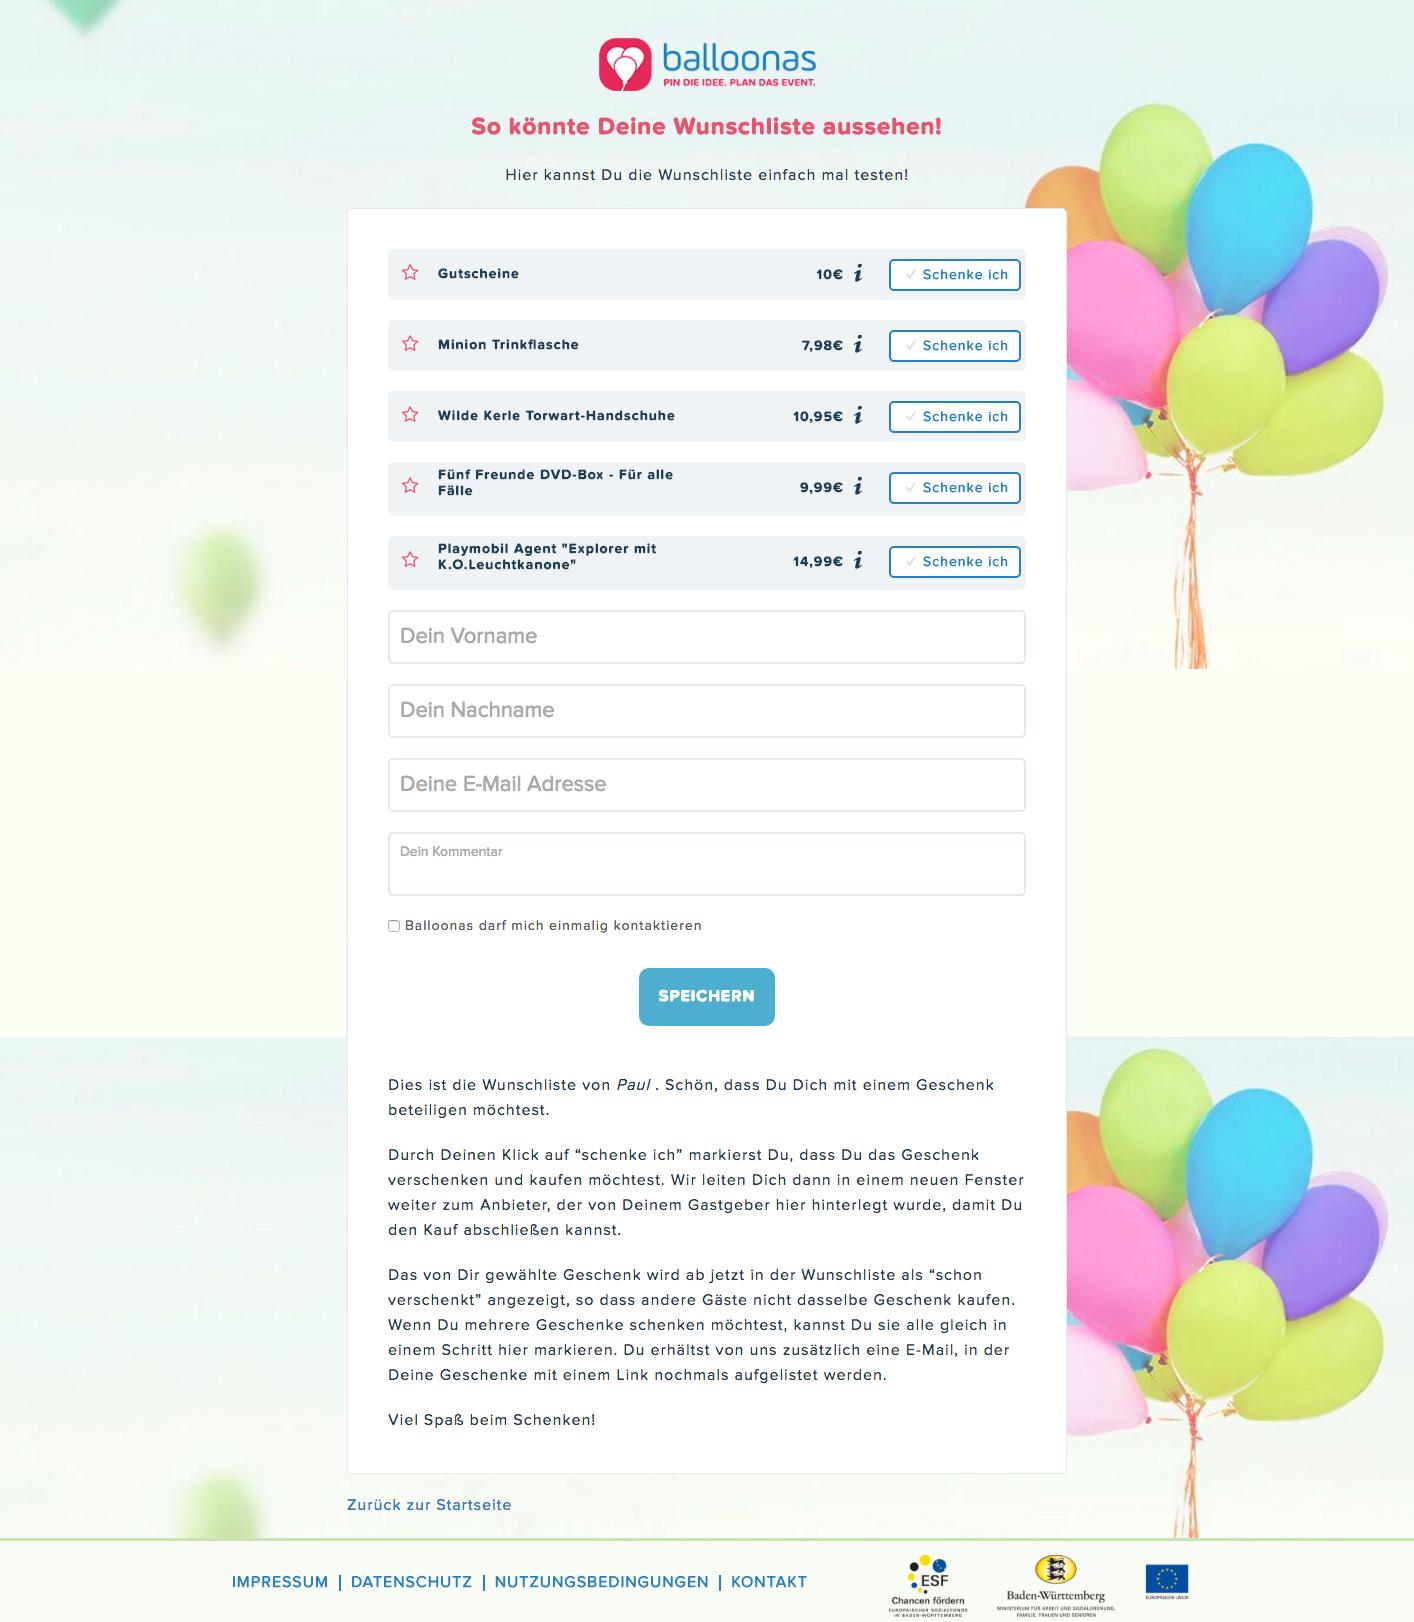 Geschenkwünsche Kommunizieren Oder Nicht Balloonasblog